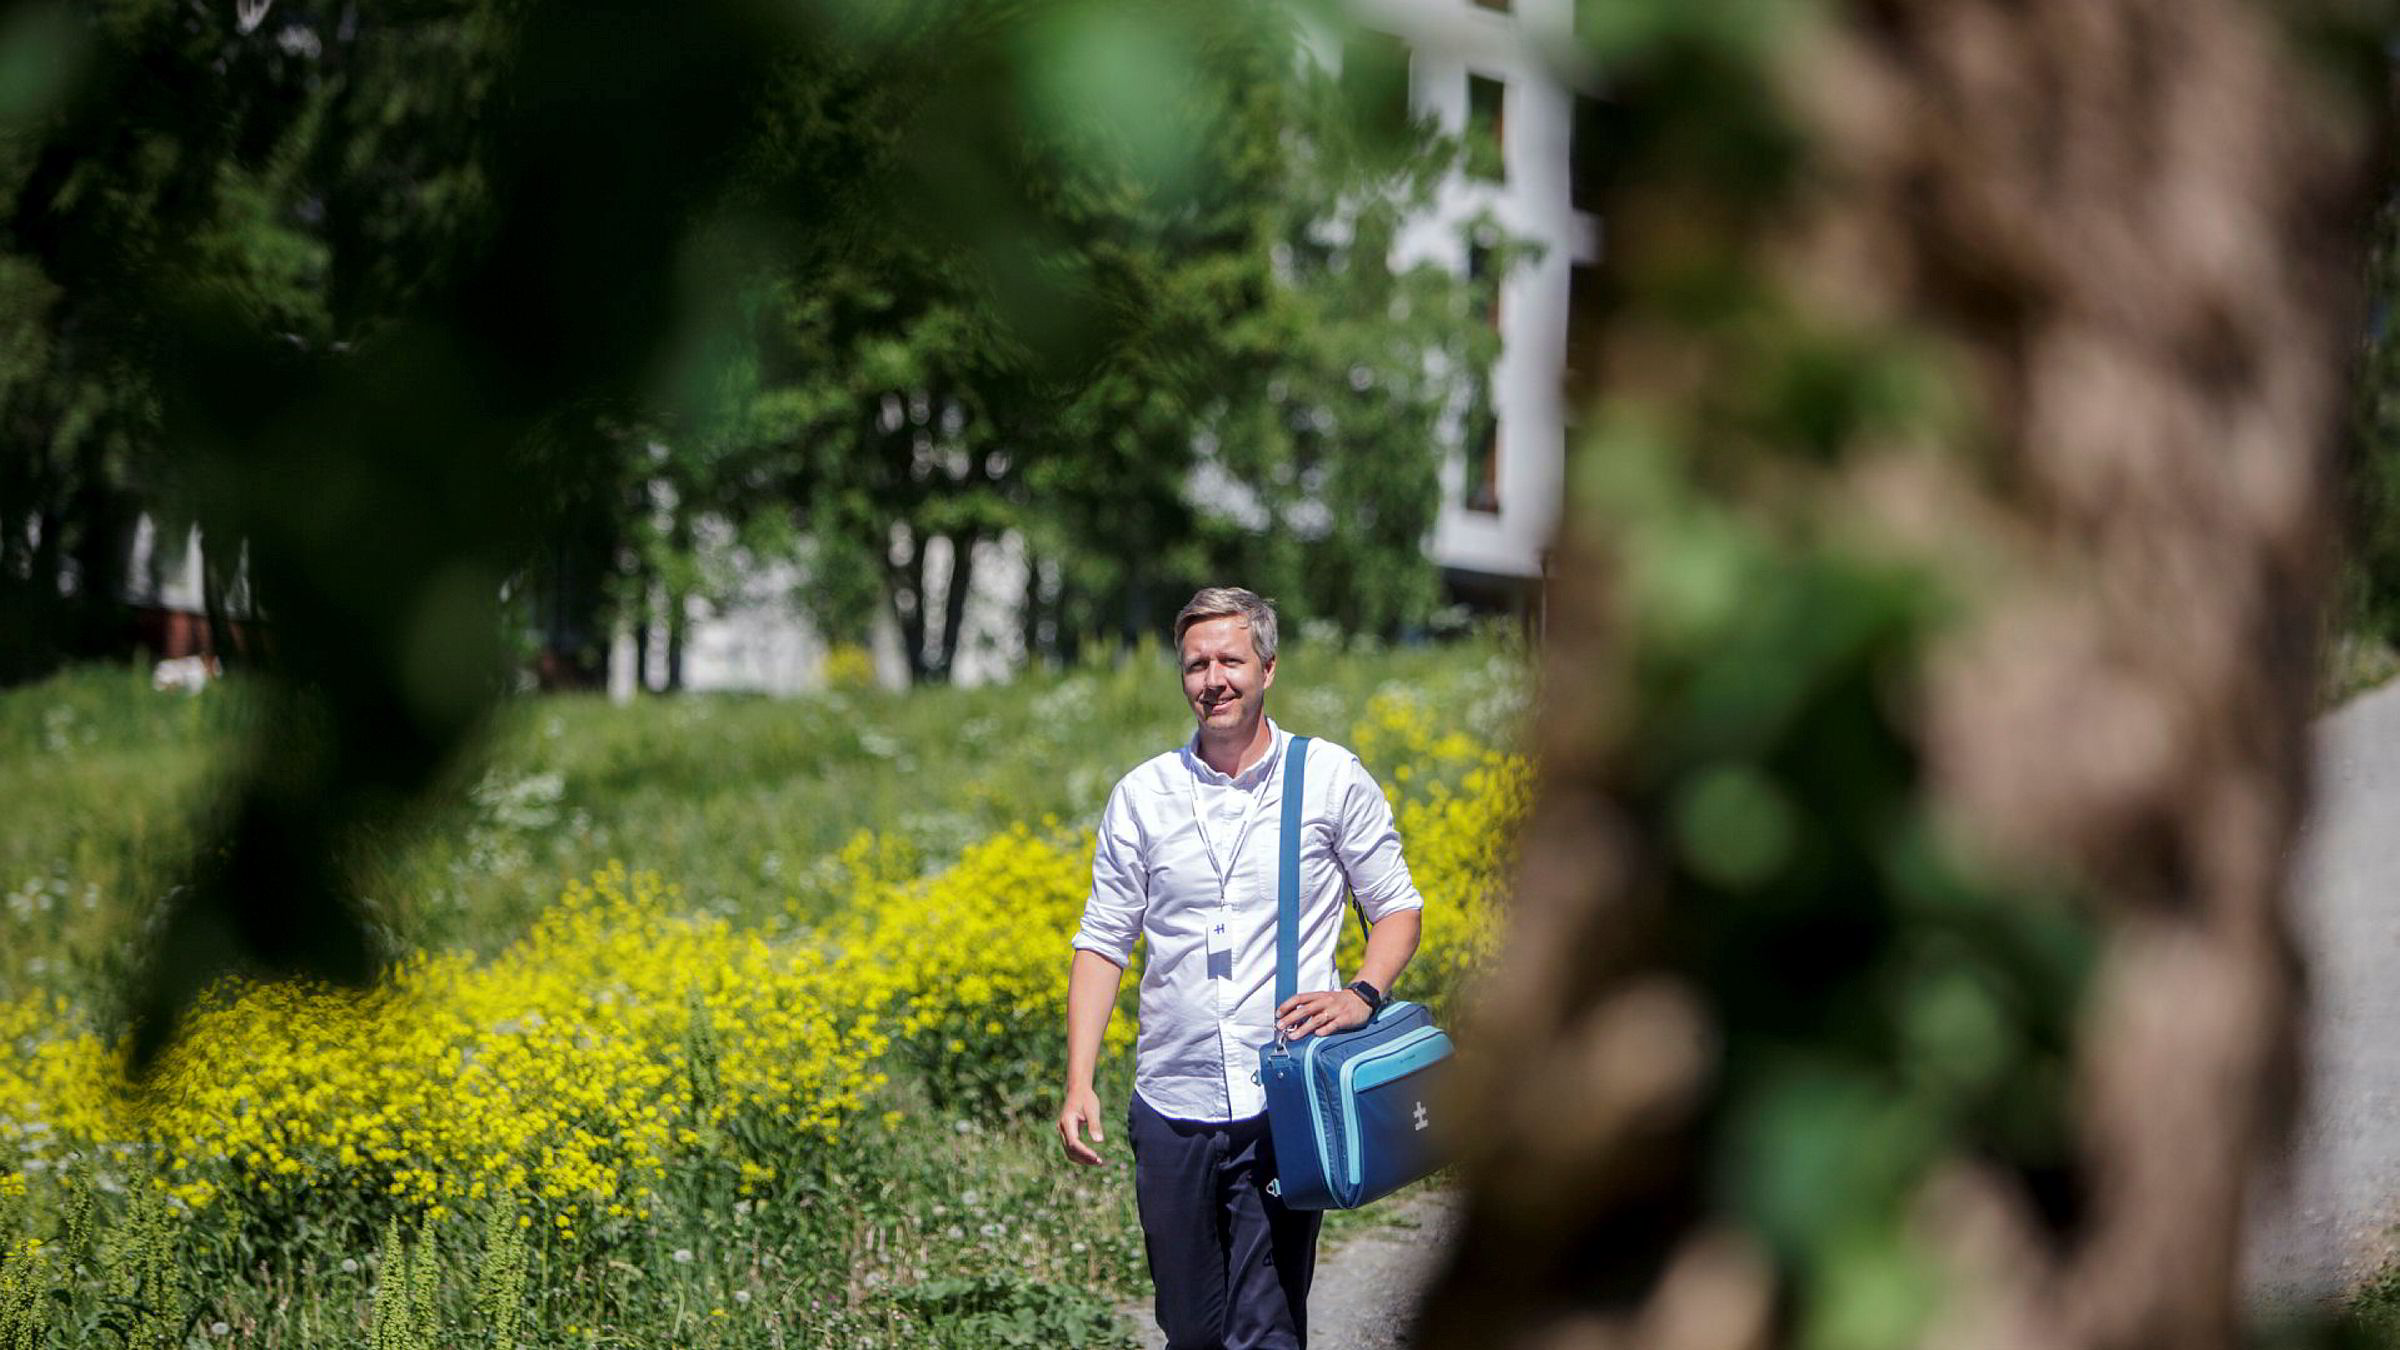 Legen Nicolai Skarsgård er gründer og daglig leder av Hjemmelegene. Han gjør selv noen hjemmebesøk, men holder seg til de enkleste oppdragene. Foto: Javad Parsa